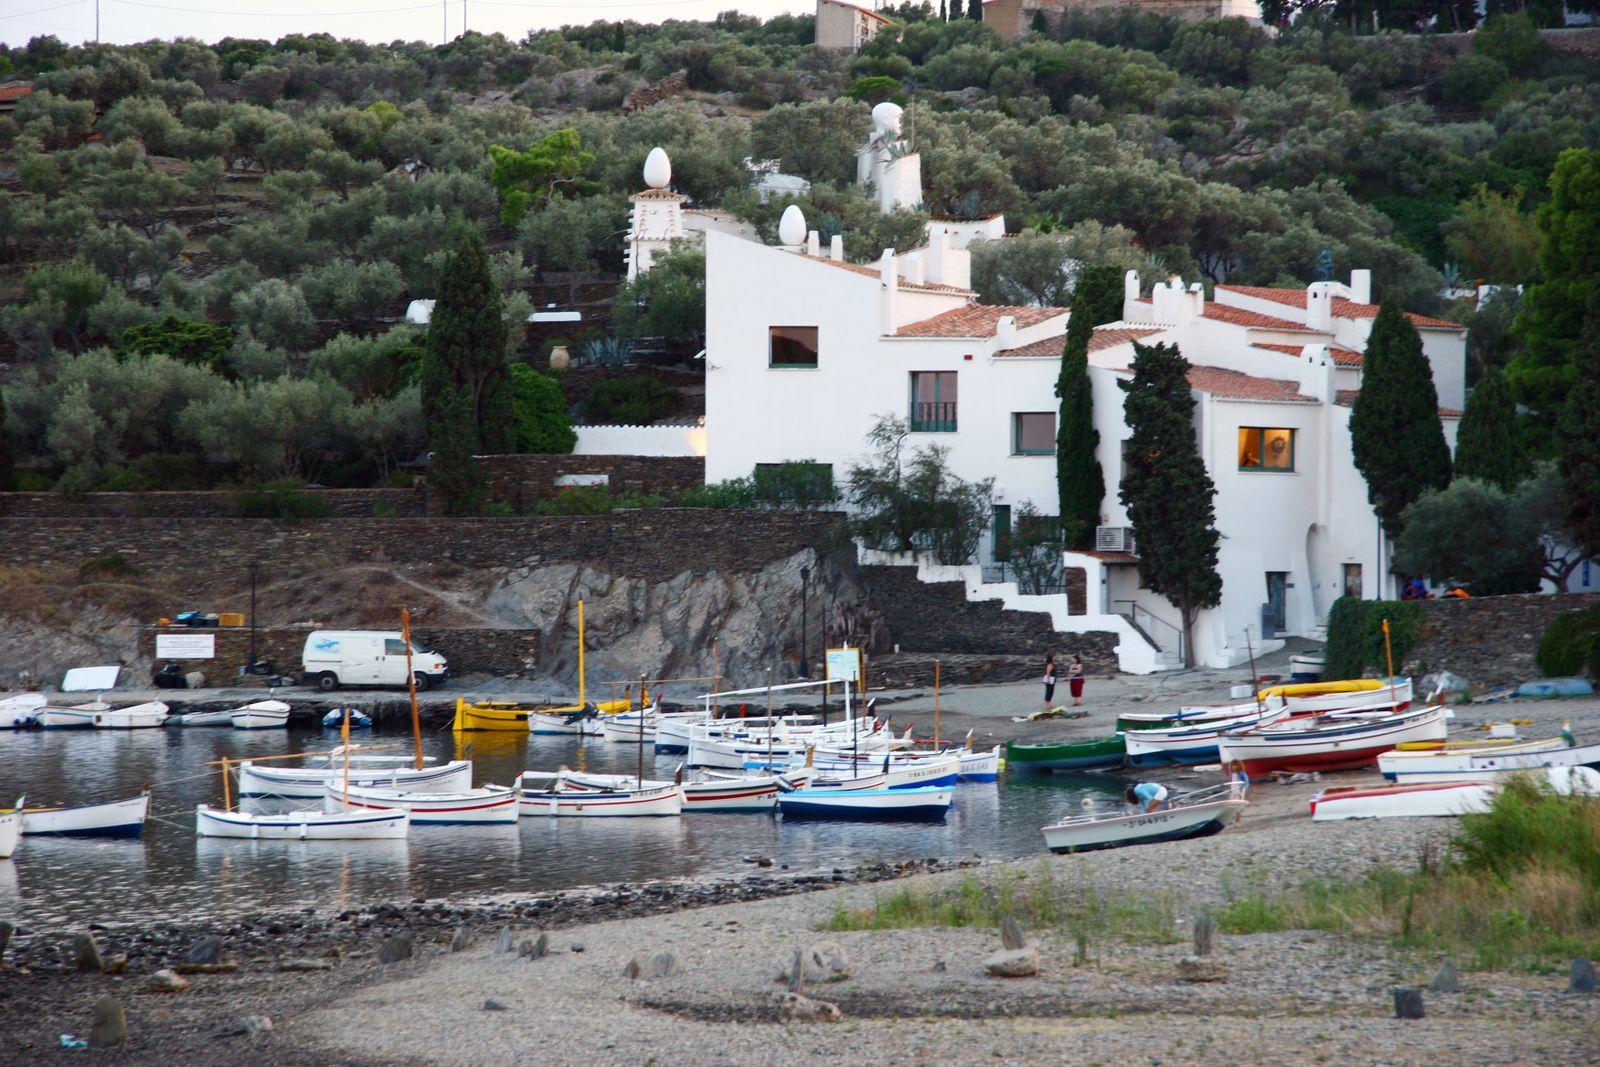 NICHT MEHR VERWENDEN! - Spanien / Girona / Dali Haus / Katalonien